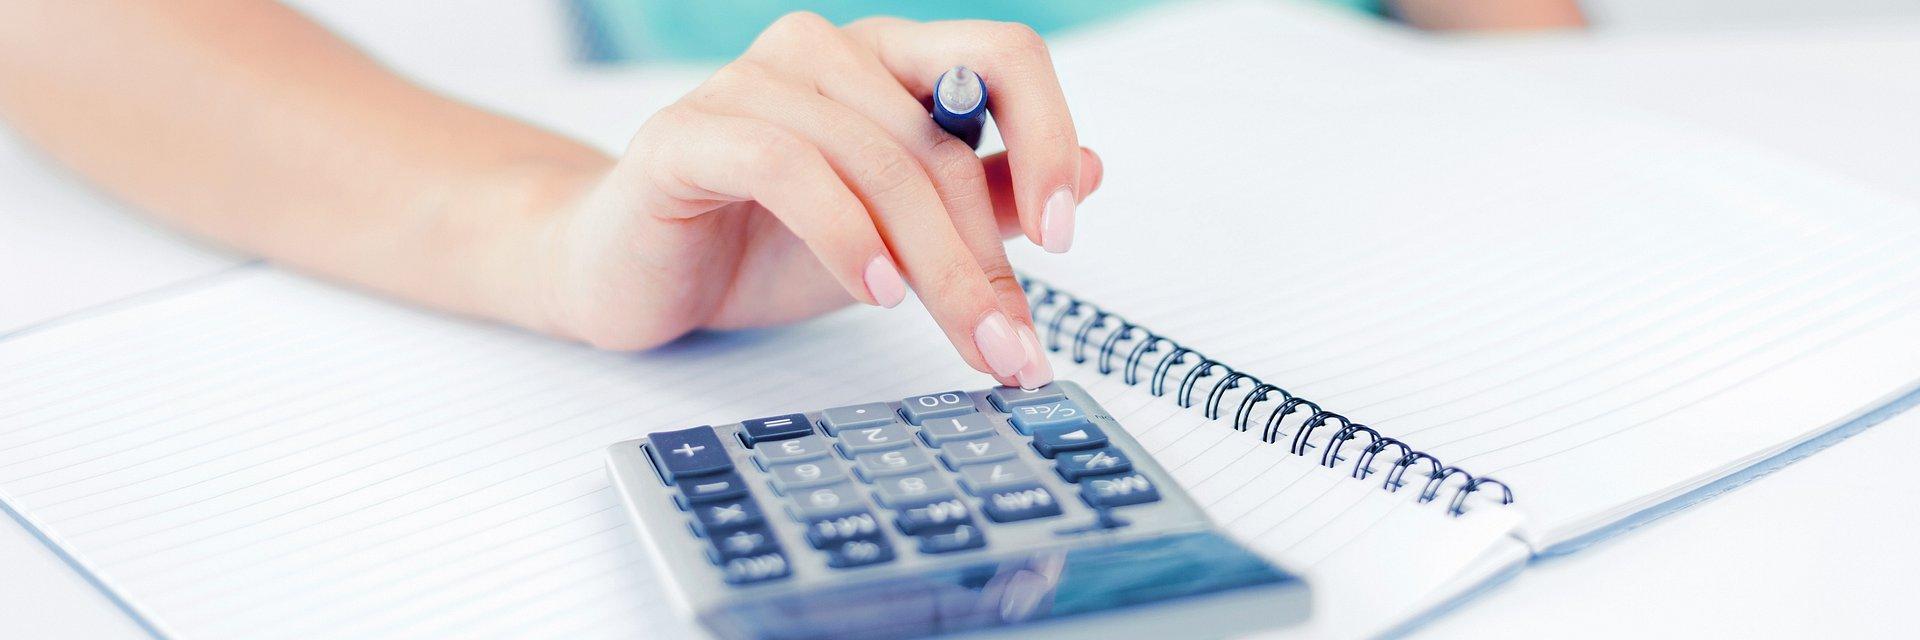 Duży zwrot podatku dla informatyków